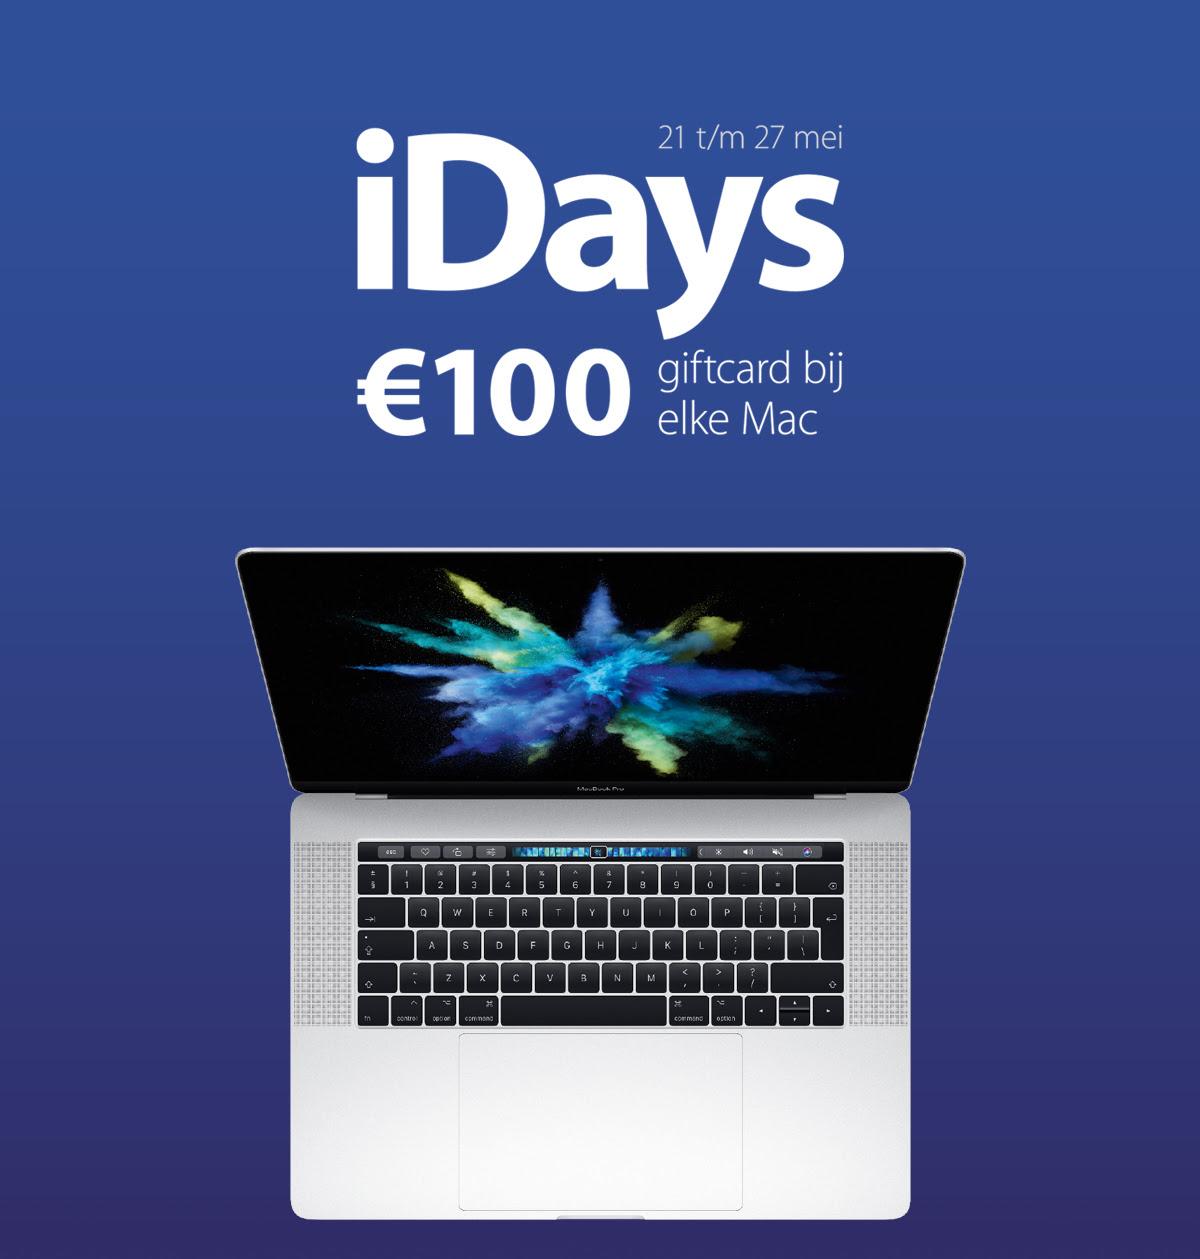 iDays - bij elke Mac een giftcard t.w.v. €100,- en bij elke iPad een giftcard t.w.v. €25,- @ Amac